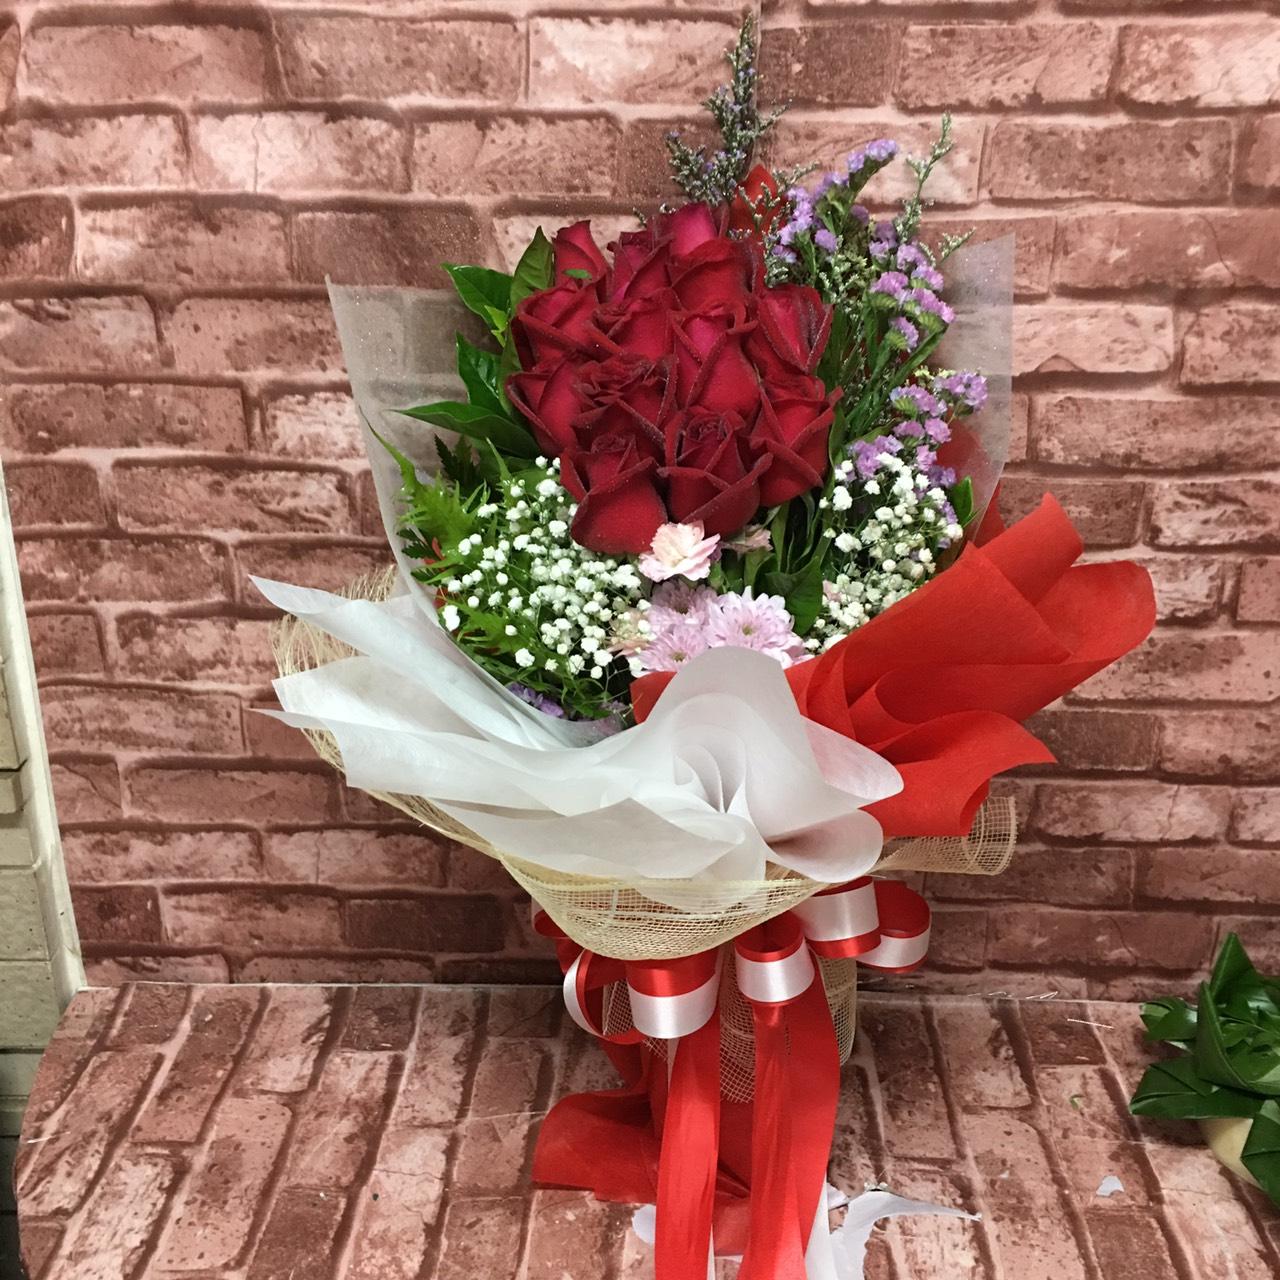 ช่อดอกกุหลาบแดงสวย ๆ ล้ำ ๆ จัดแต่งสวยงามไม่เป็นสองรองใคร